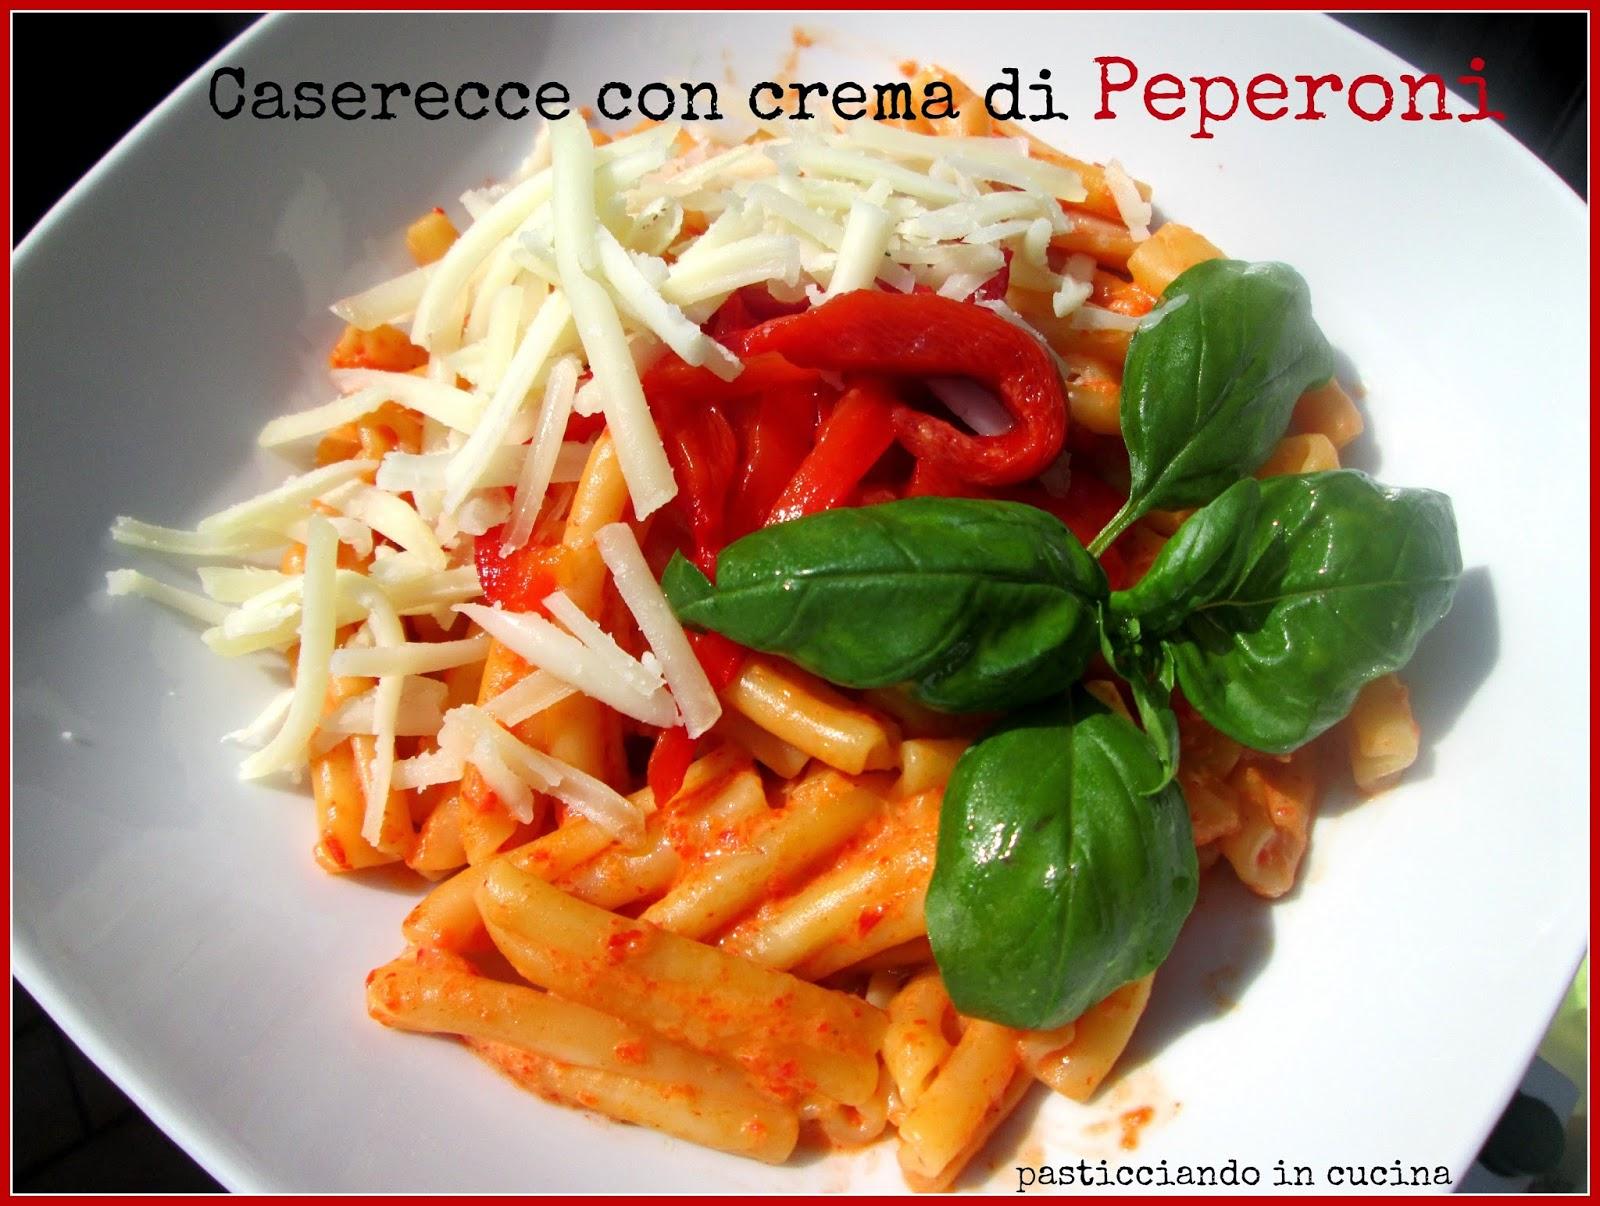 pasta con crema di peperoni e pecorino toscano